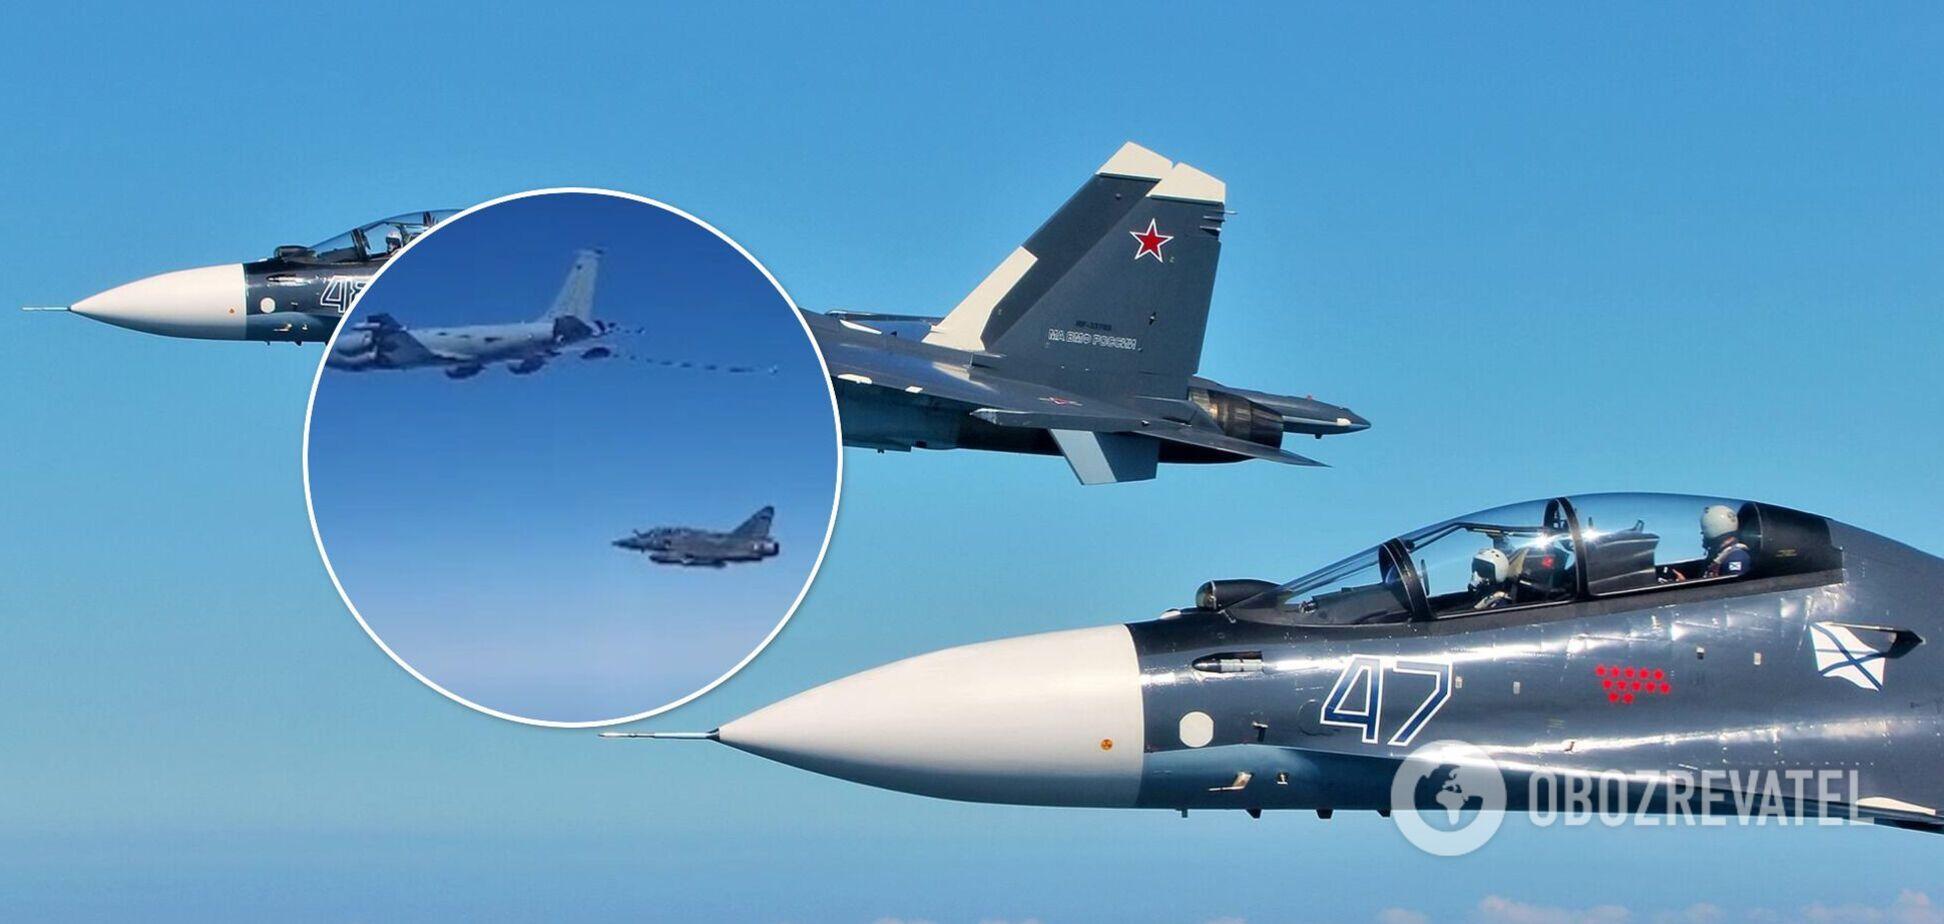 У Росії заявили про перехоплення іноземних військових літаків. Відео